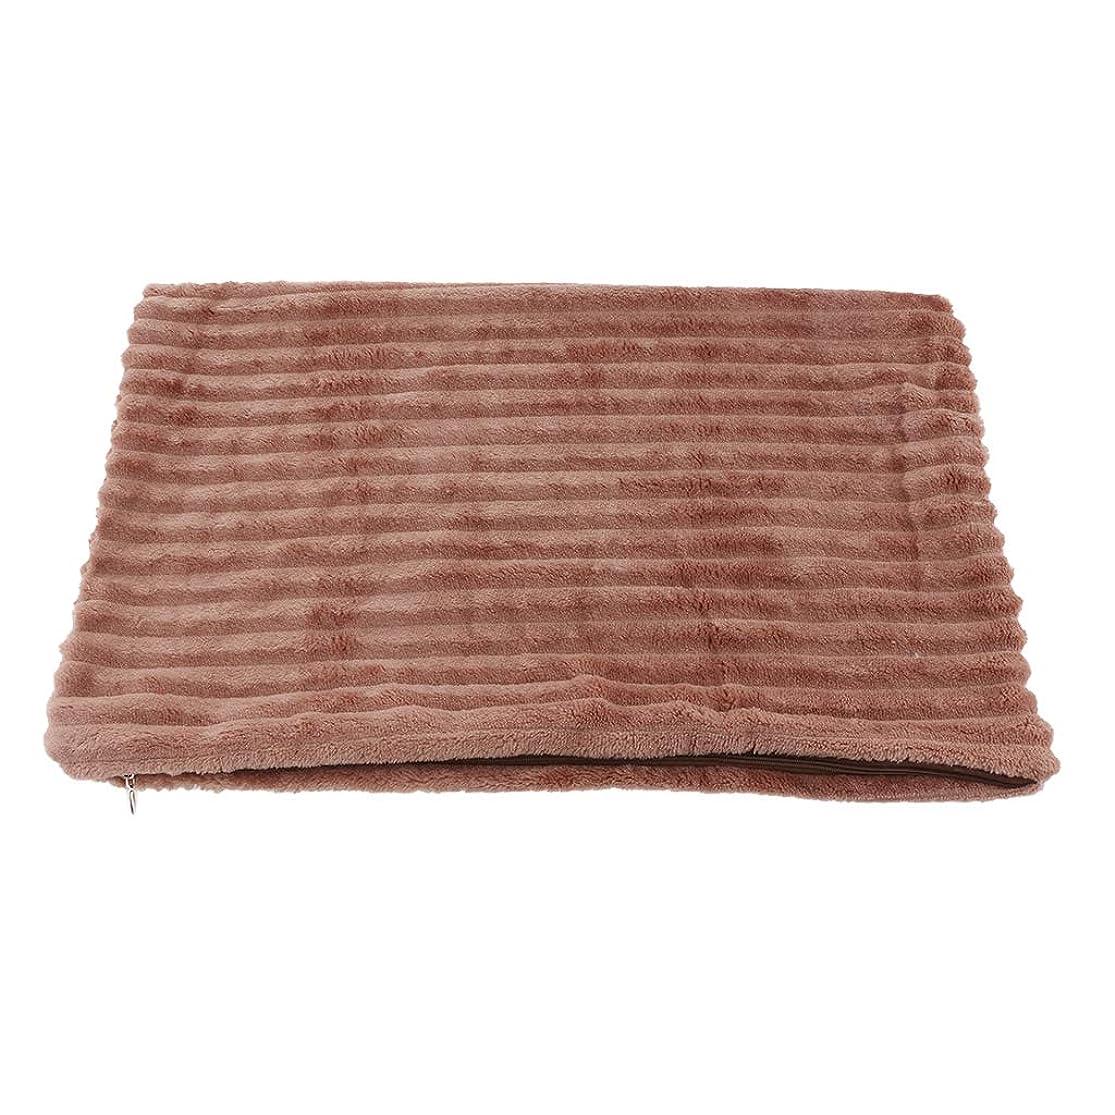 ヘルシー連続的裕福な枕カバー 抱き枕カバー ソファ用 クッション 飾り 約50×30cm 全11色 - ブラウン